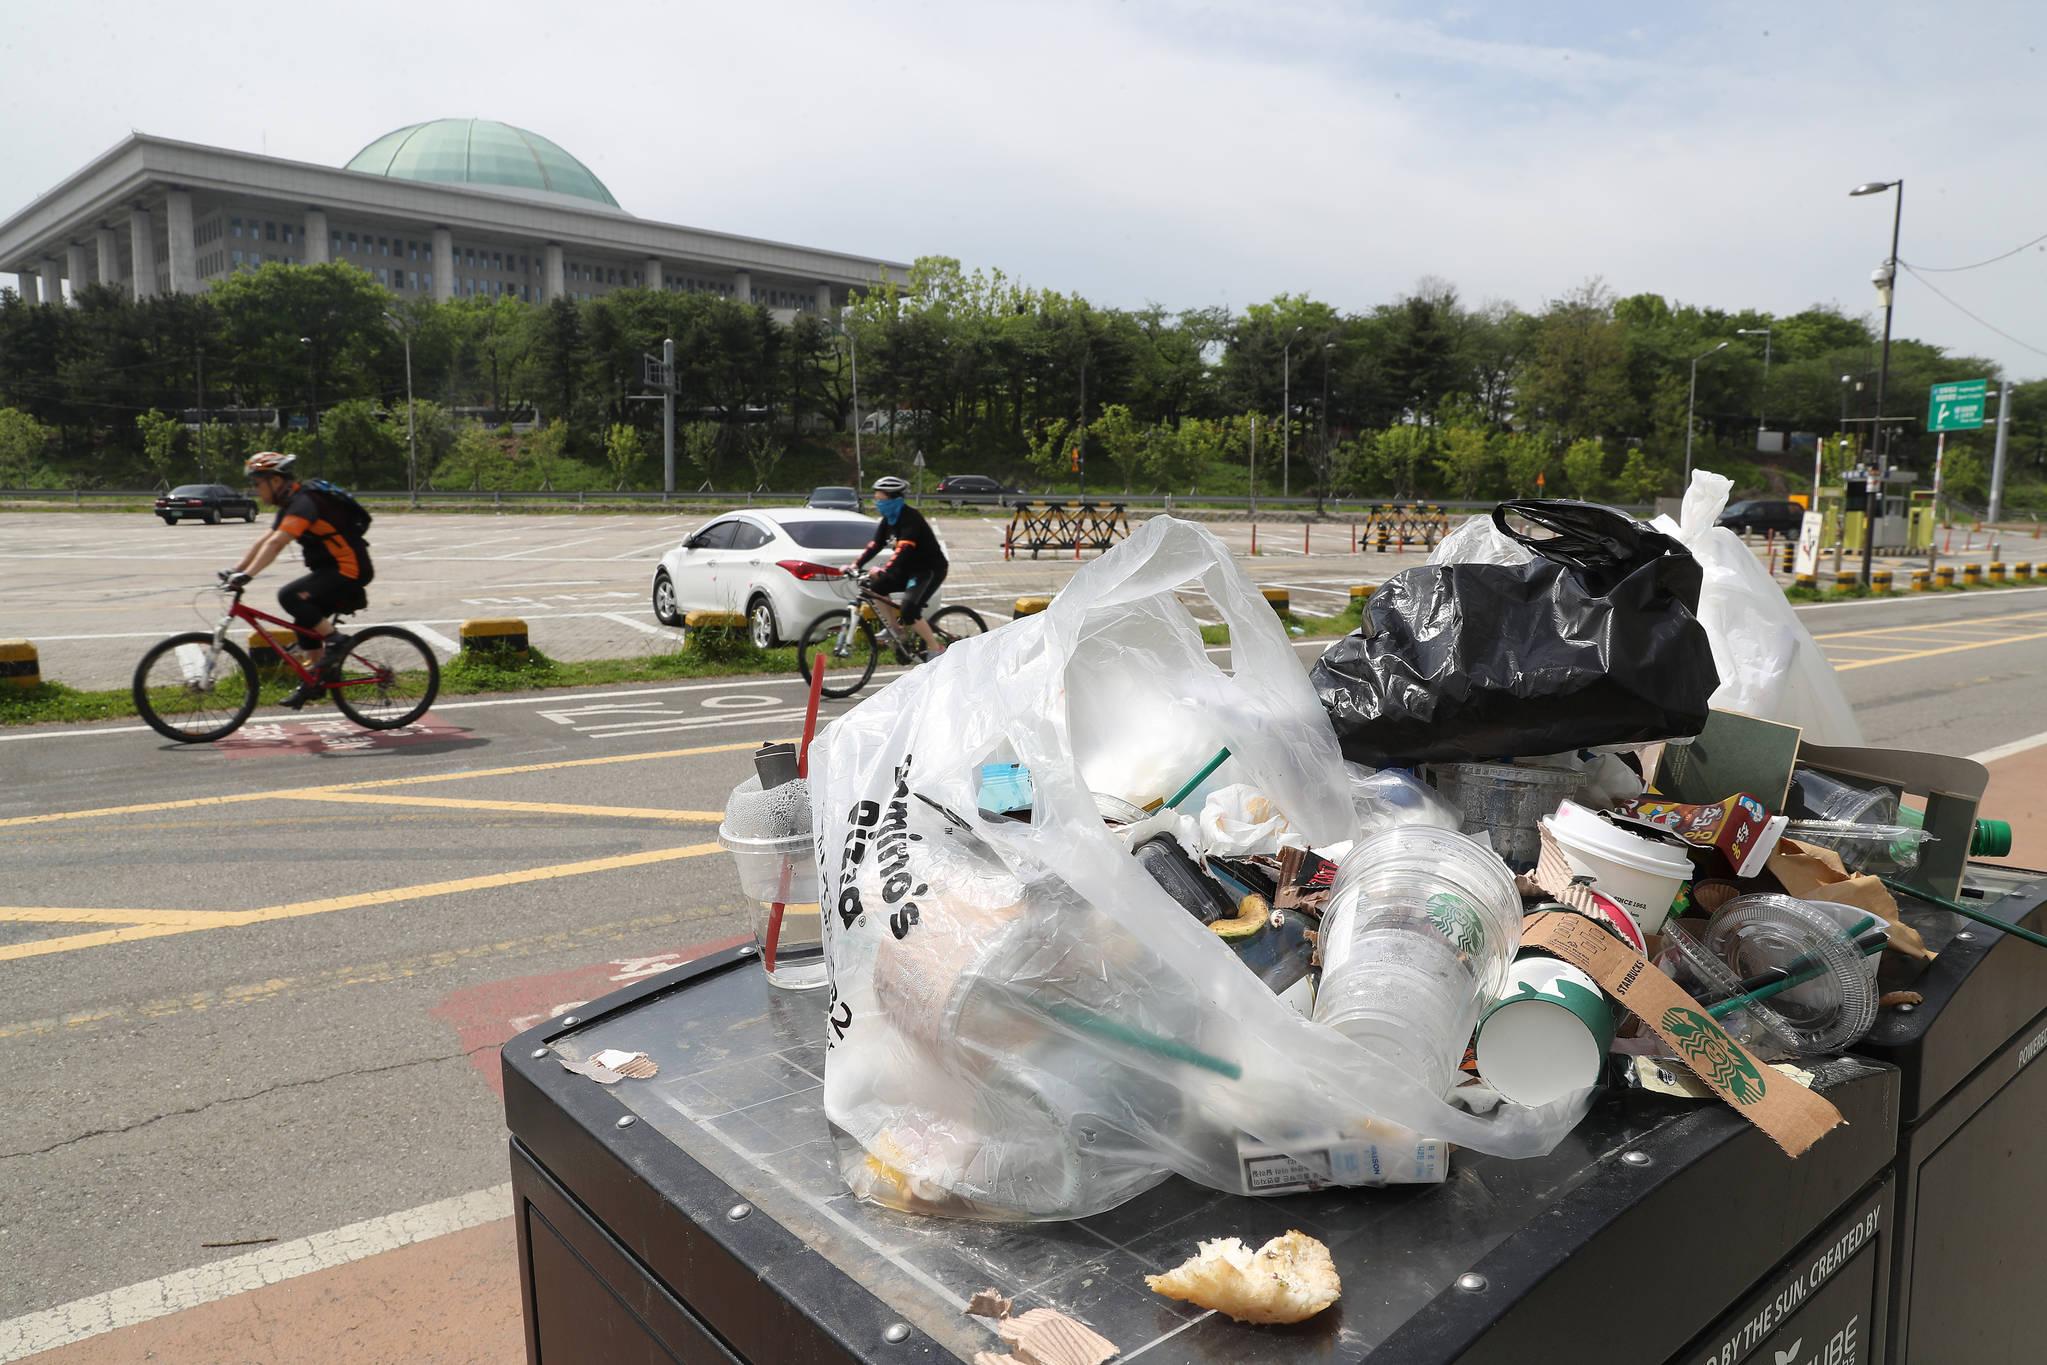 3일동안 이어진 연휴 마지막날인 7일 서울 여의도 한강 시민공원에서 자전거를 타며 휴일을 즐기는 시민들 앞쪽에 마구 버려진 쓰레기들이 놓여있다. 우상조 기자